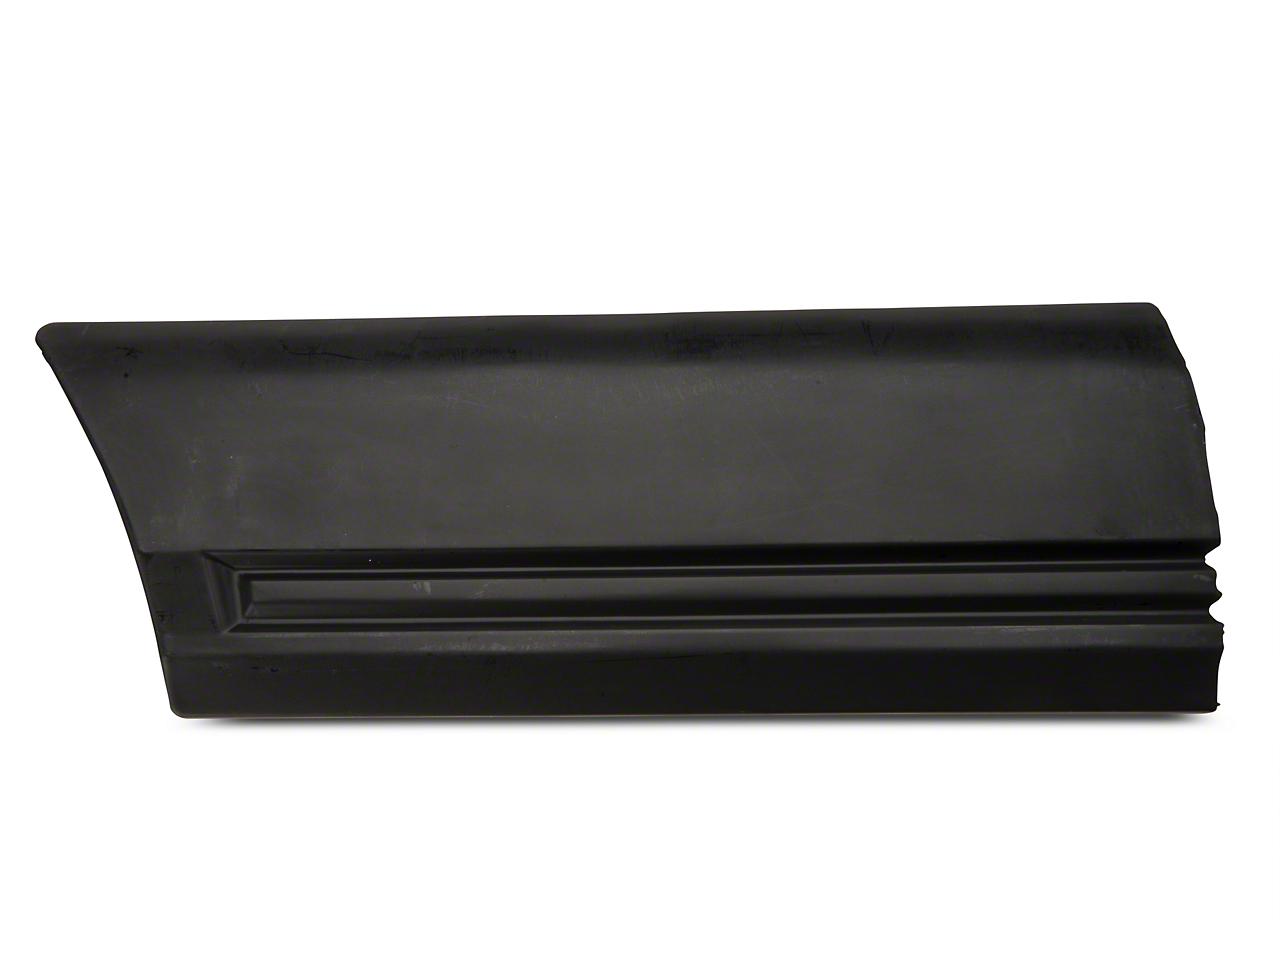 OPR Left Side Fender Body Molding - Rear (85-86 All)